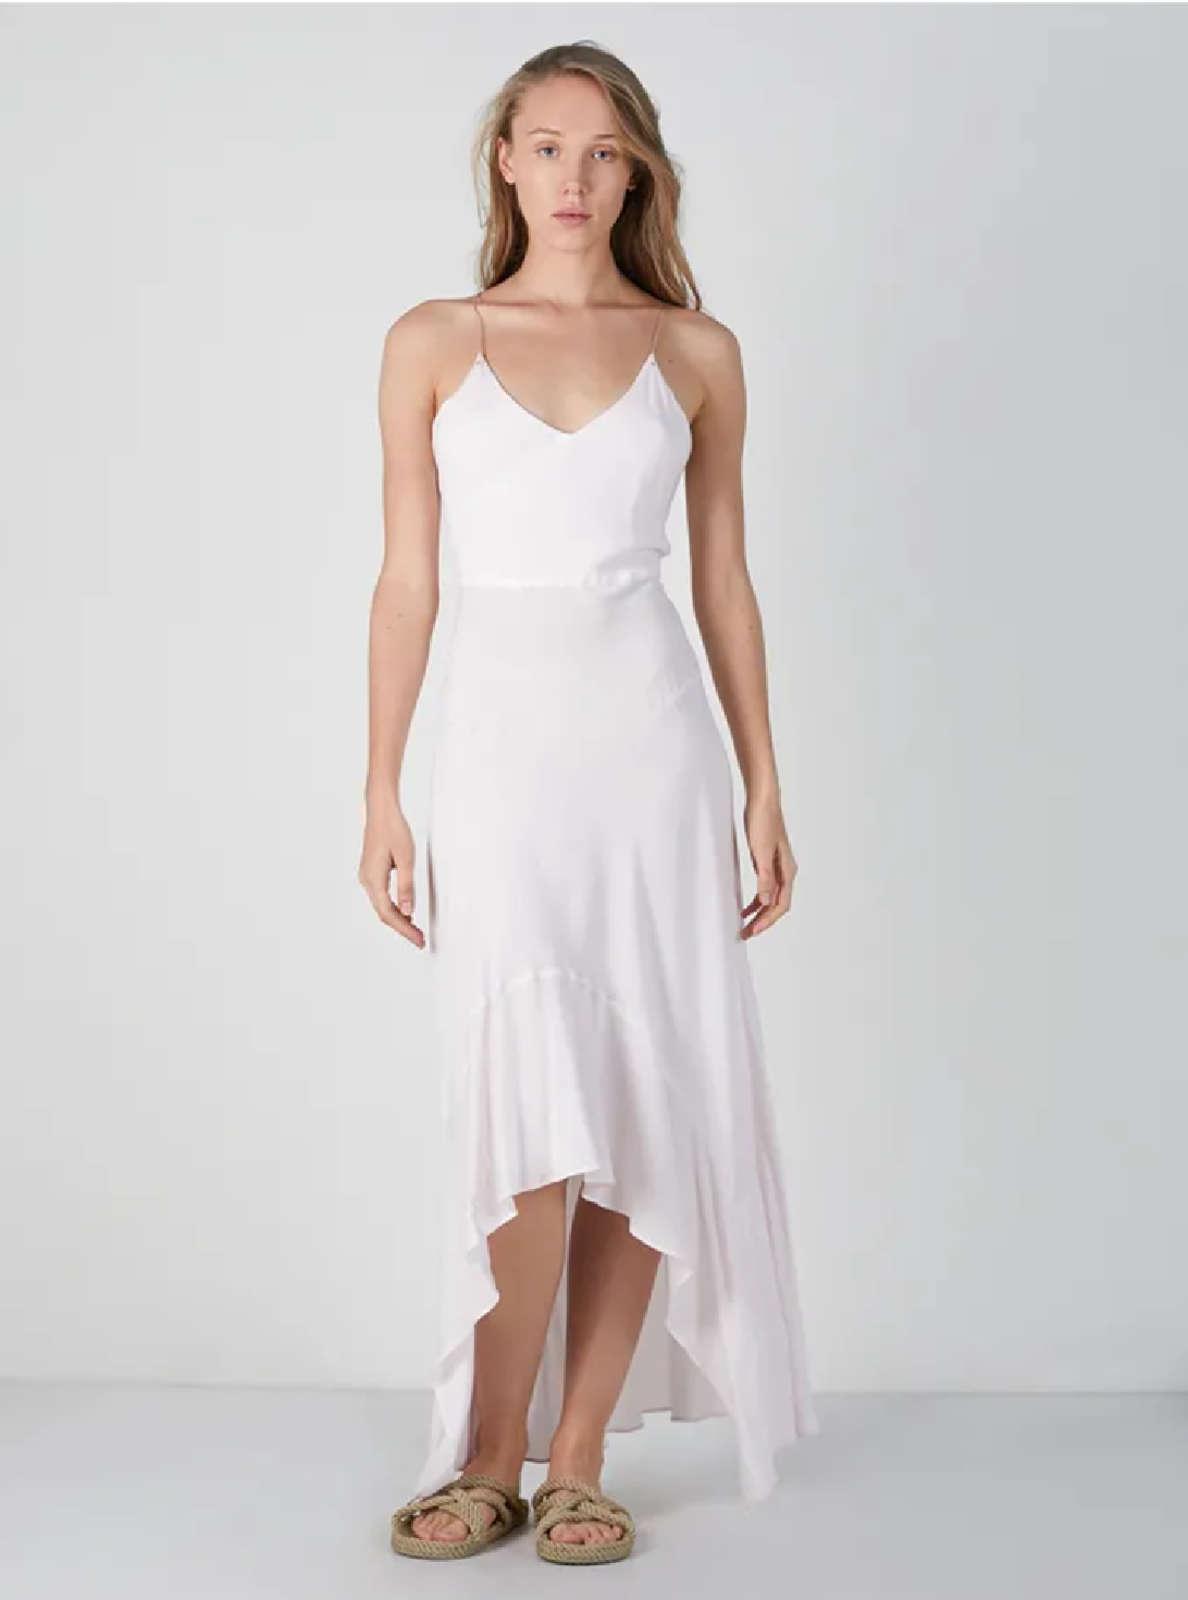 70351acd57c1 Comprar Vestidos de coctel en Bogotá - Tiendas y promociones - Ofertia